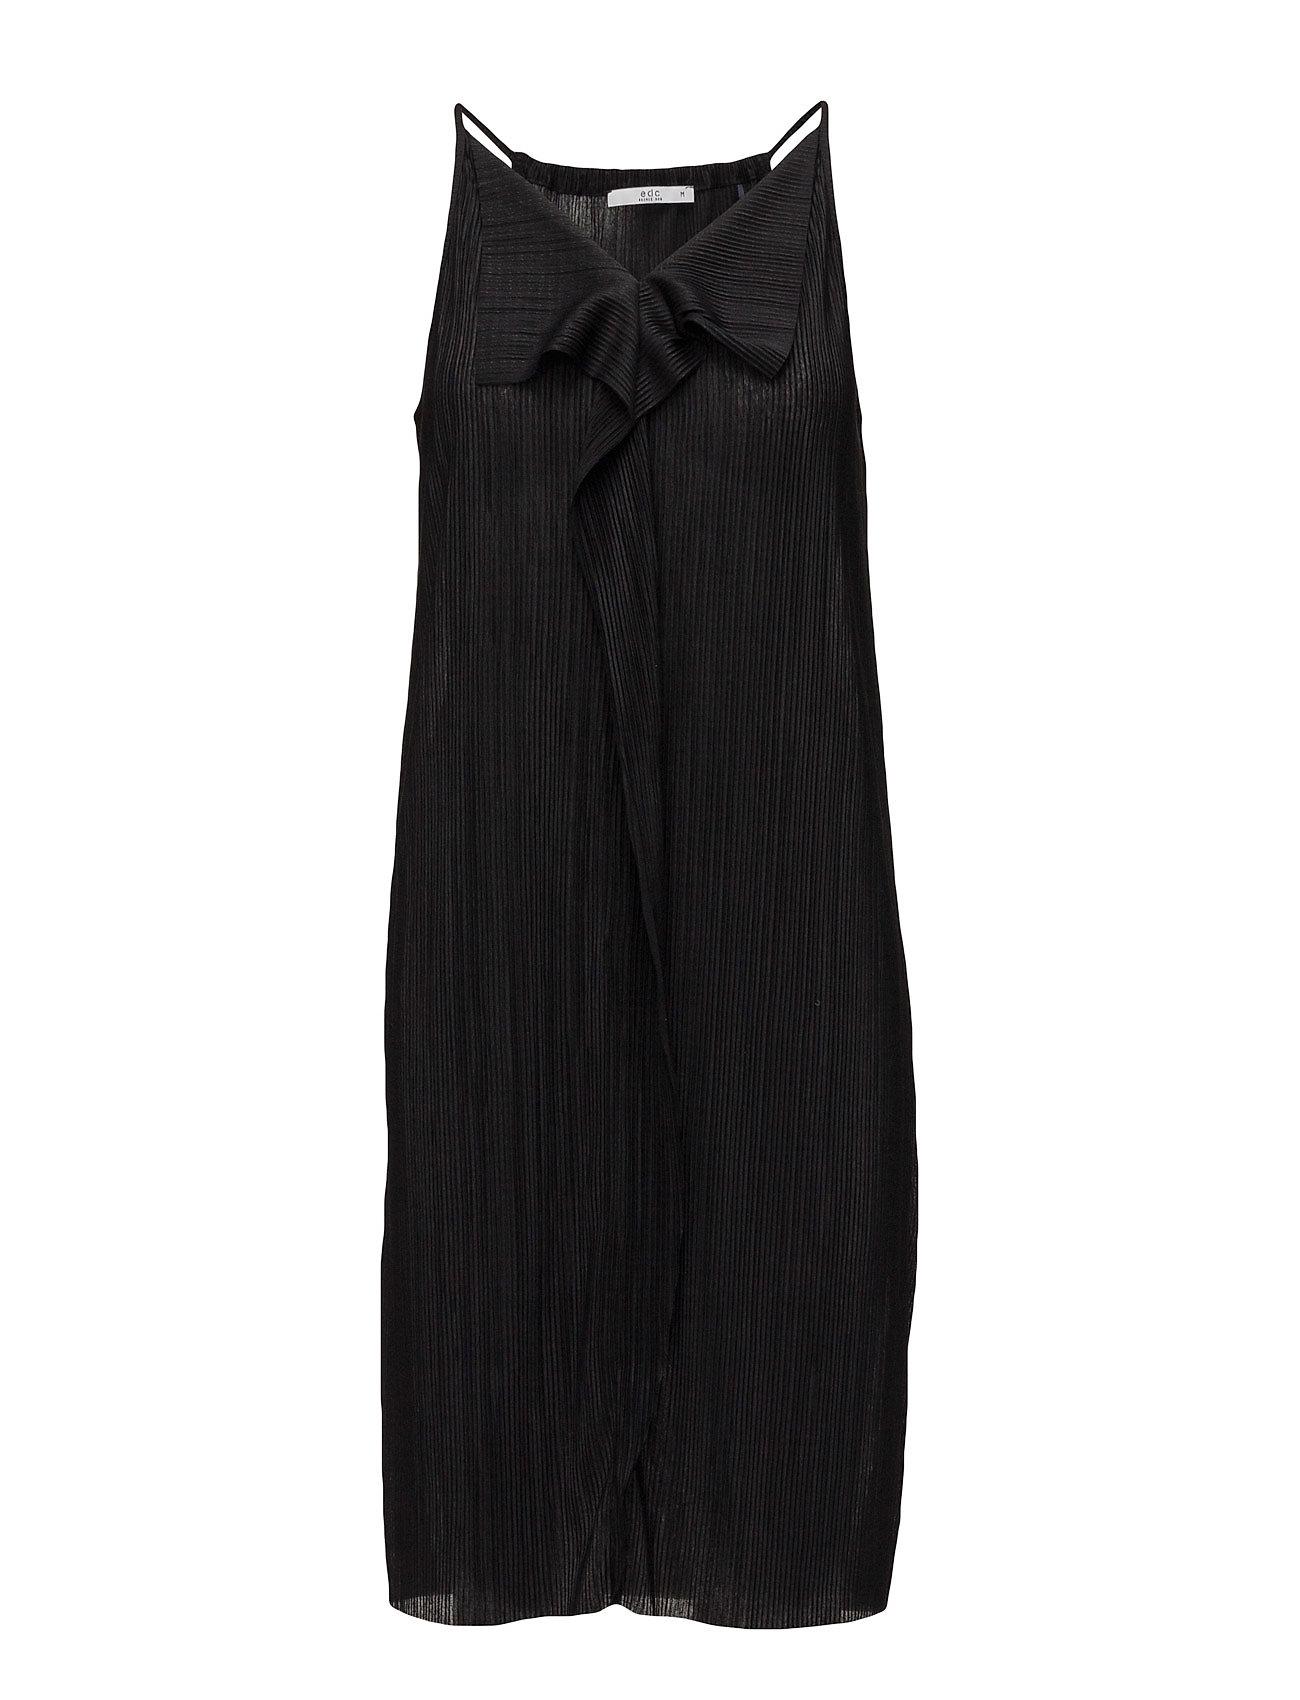 Dresses Knitted EDC by Esprit Kjoler til Kvinder i Sort